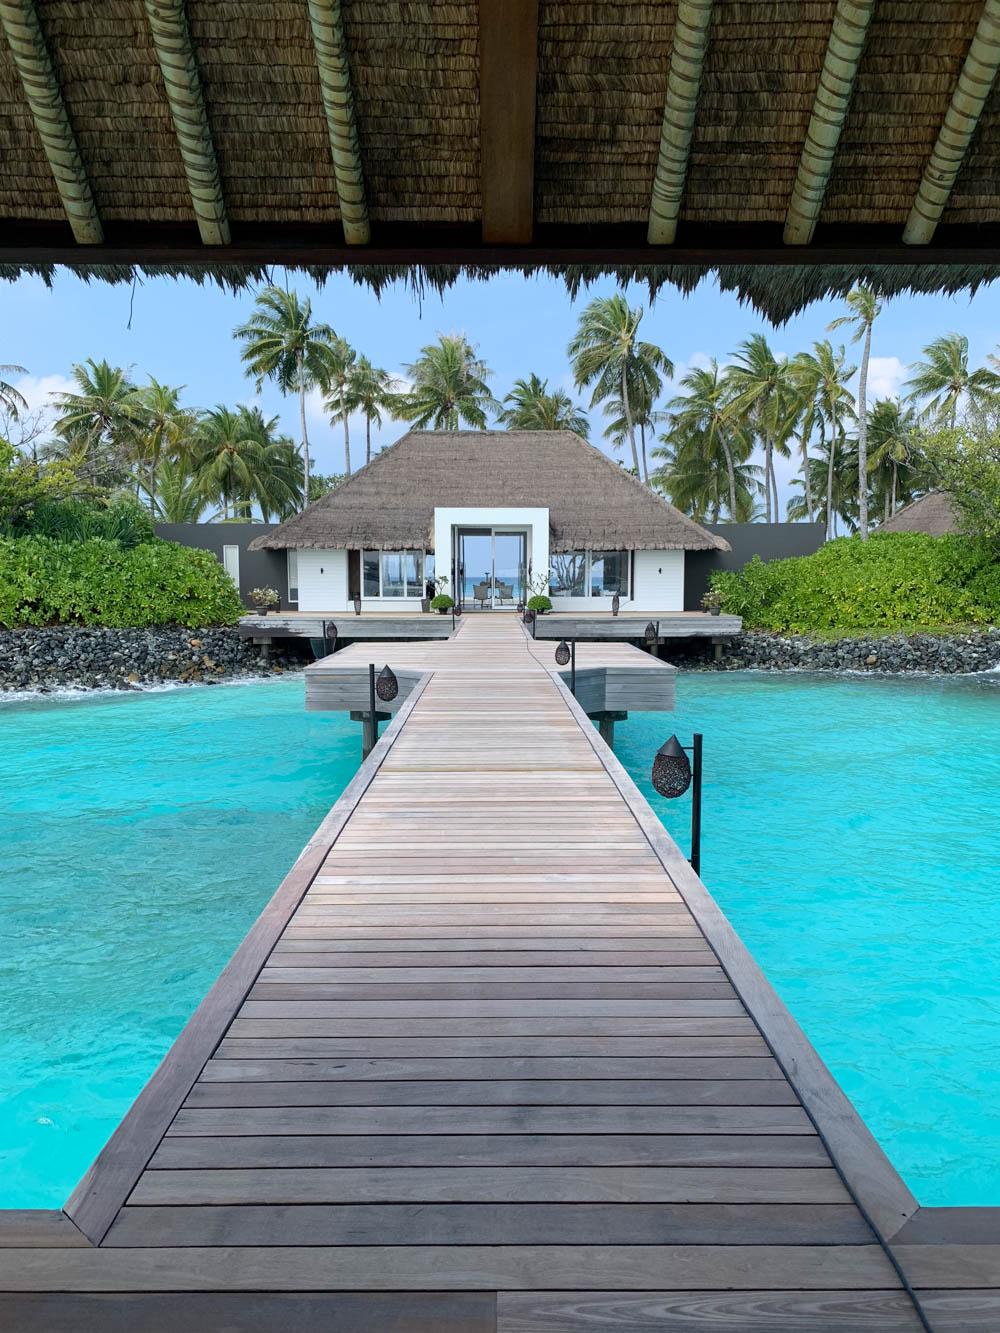 Maldives_Resort_Honeymoon_Cheval_Blanc_MaldivesTravelAdvisor-21.jpg